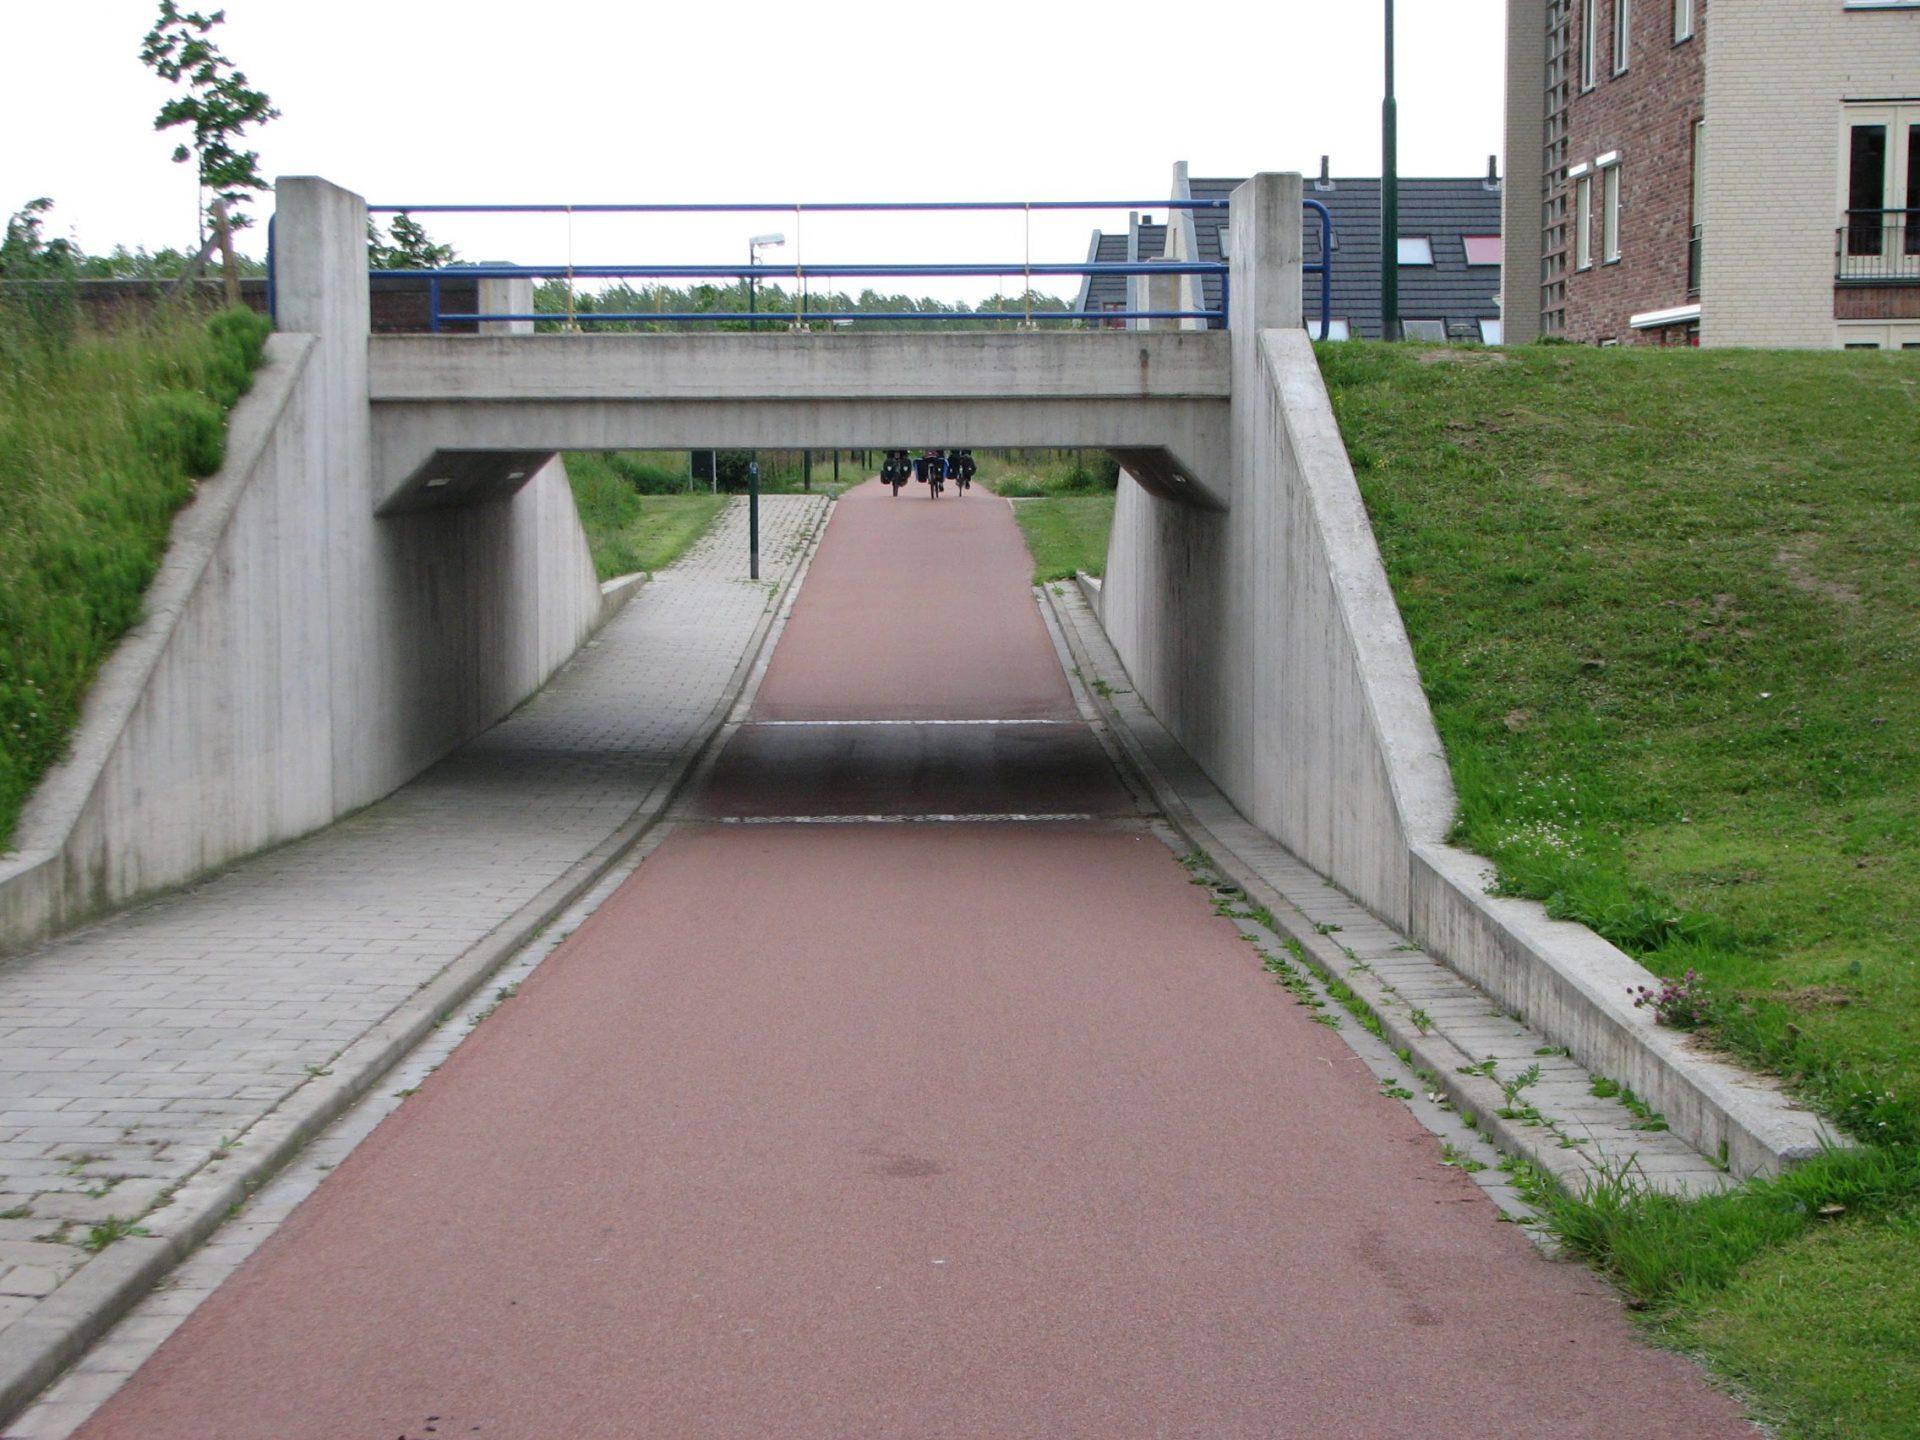 Selkeä ja turvallinen tunneli Hollannin Houtenissa. Hollannissa tunnelin viereen ei koskaan sijoiteta risteystä.